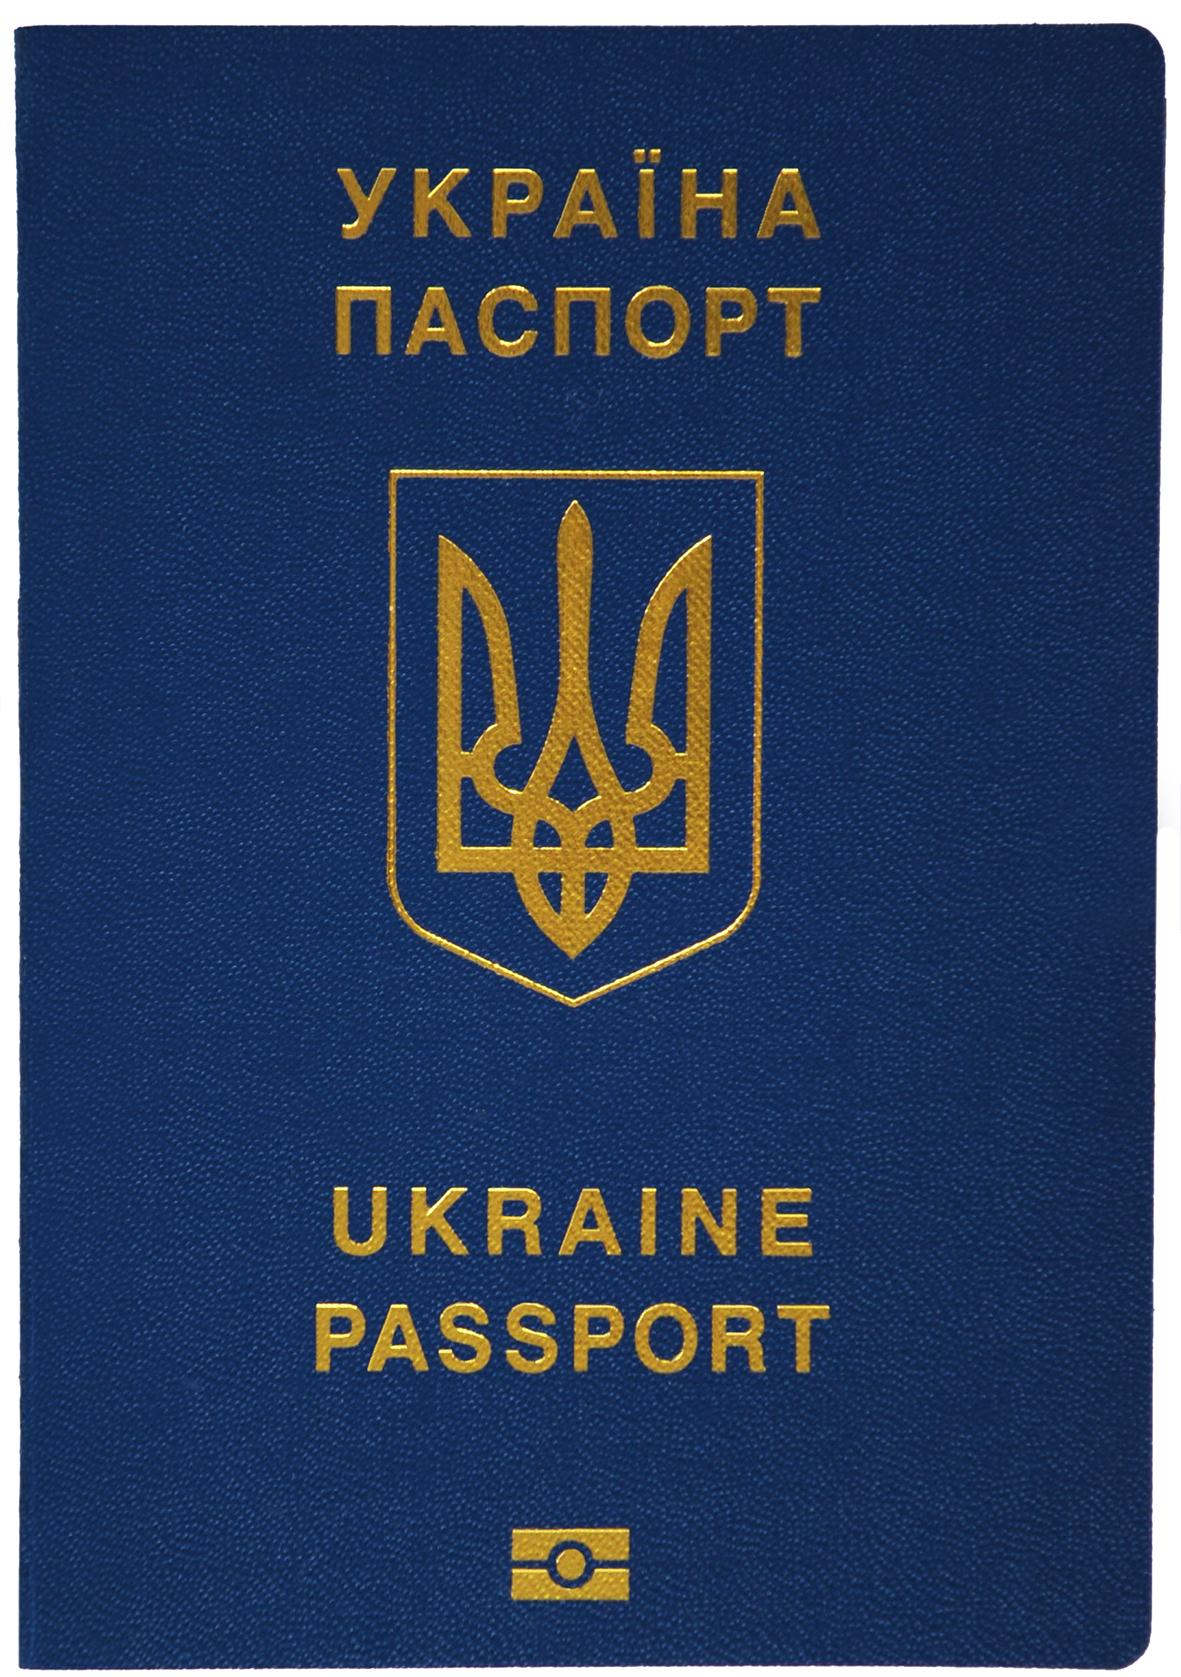 Виза на кипр для россиян: оформляем самостоятельно в 2020